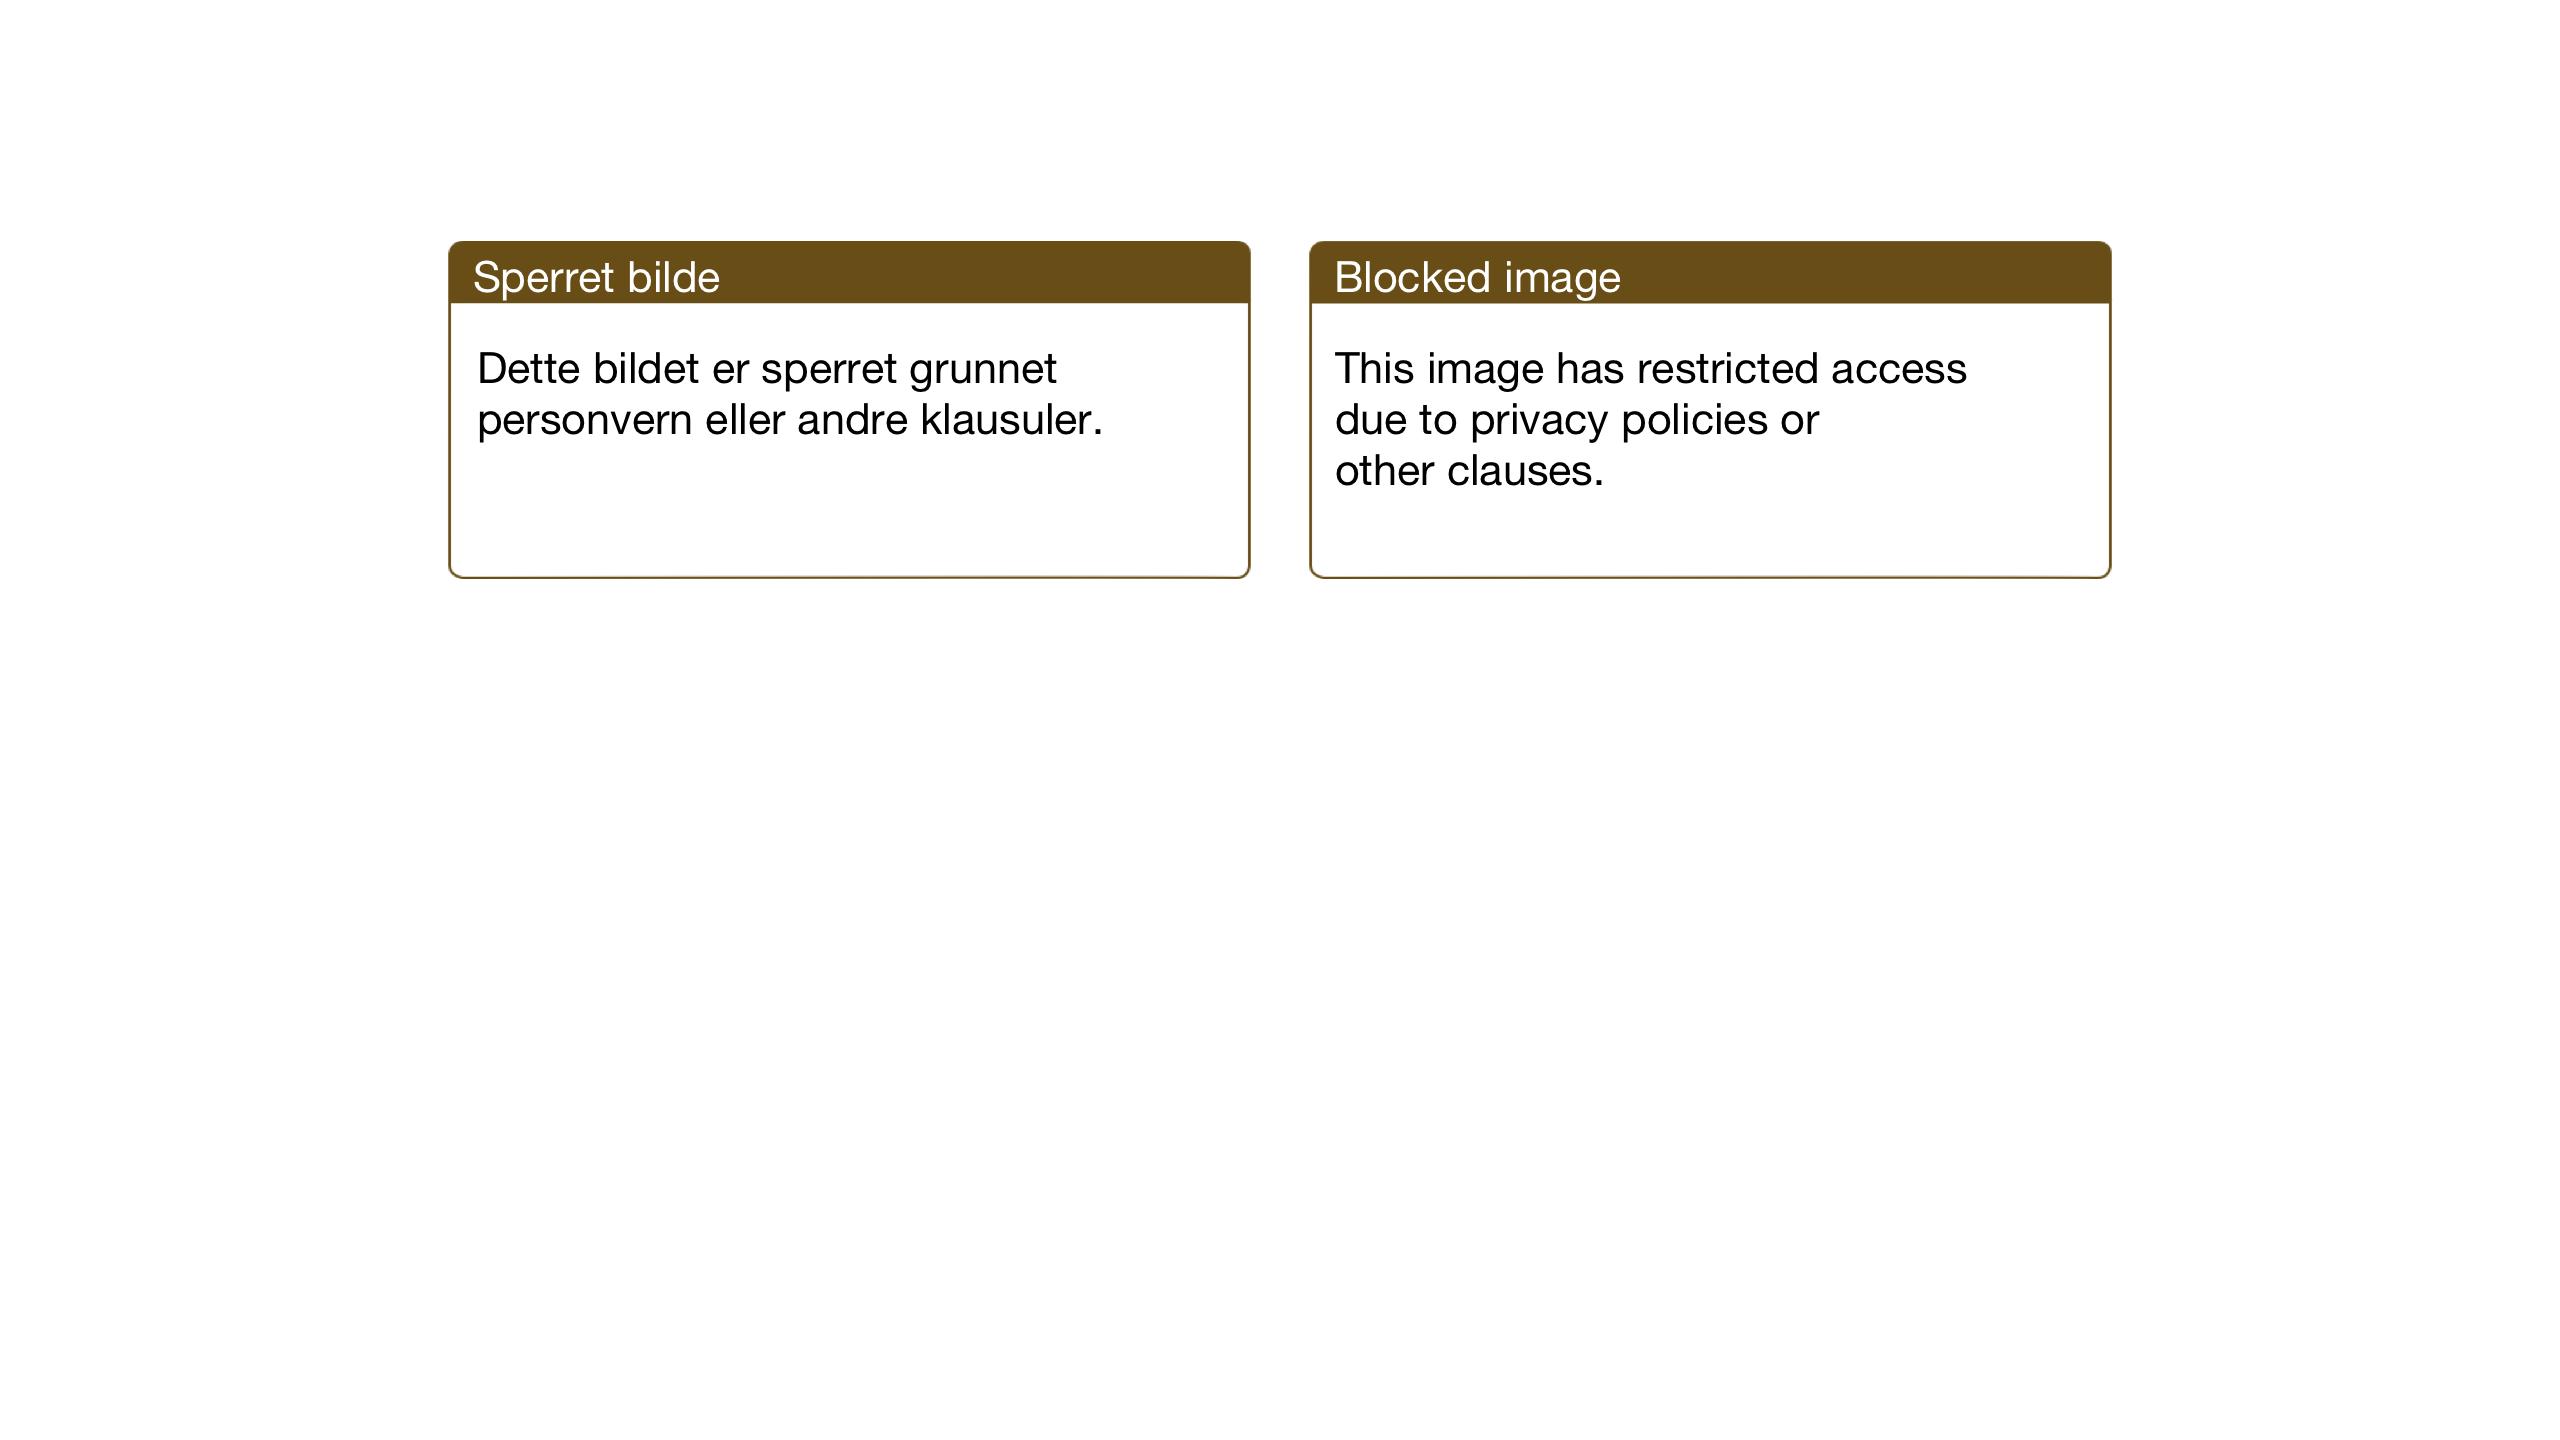 SAT, Ministerialprotokoller, klokkerbøker og fødselsregistre - Sør-Trøndelag, 698/L1169: Klokkerbok nr. 698C06, 1930-1949, s. 51